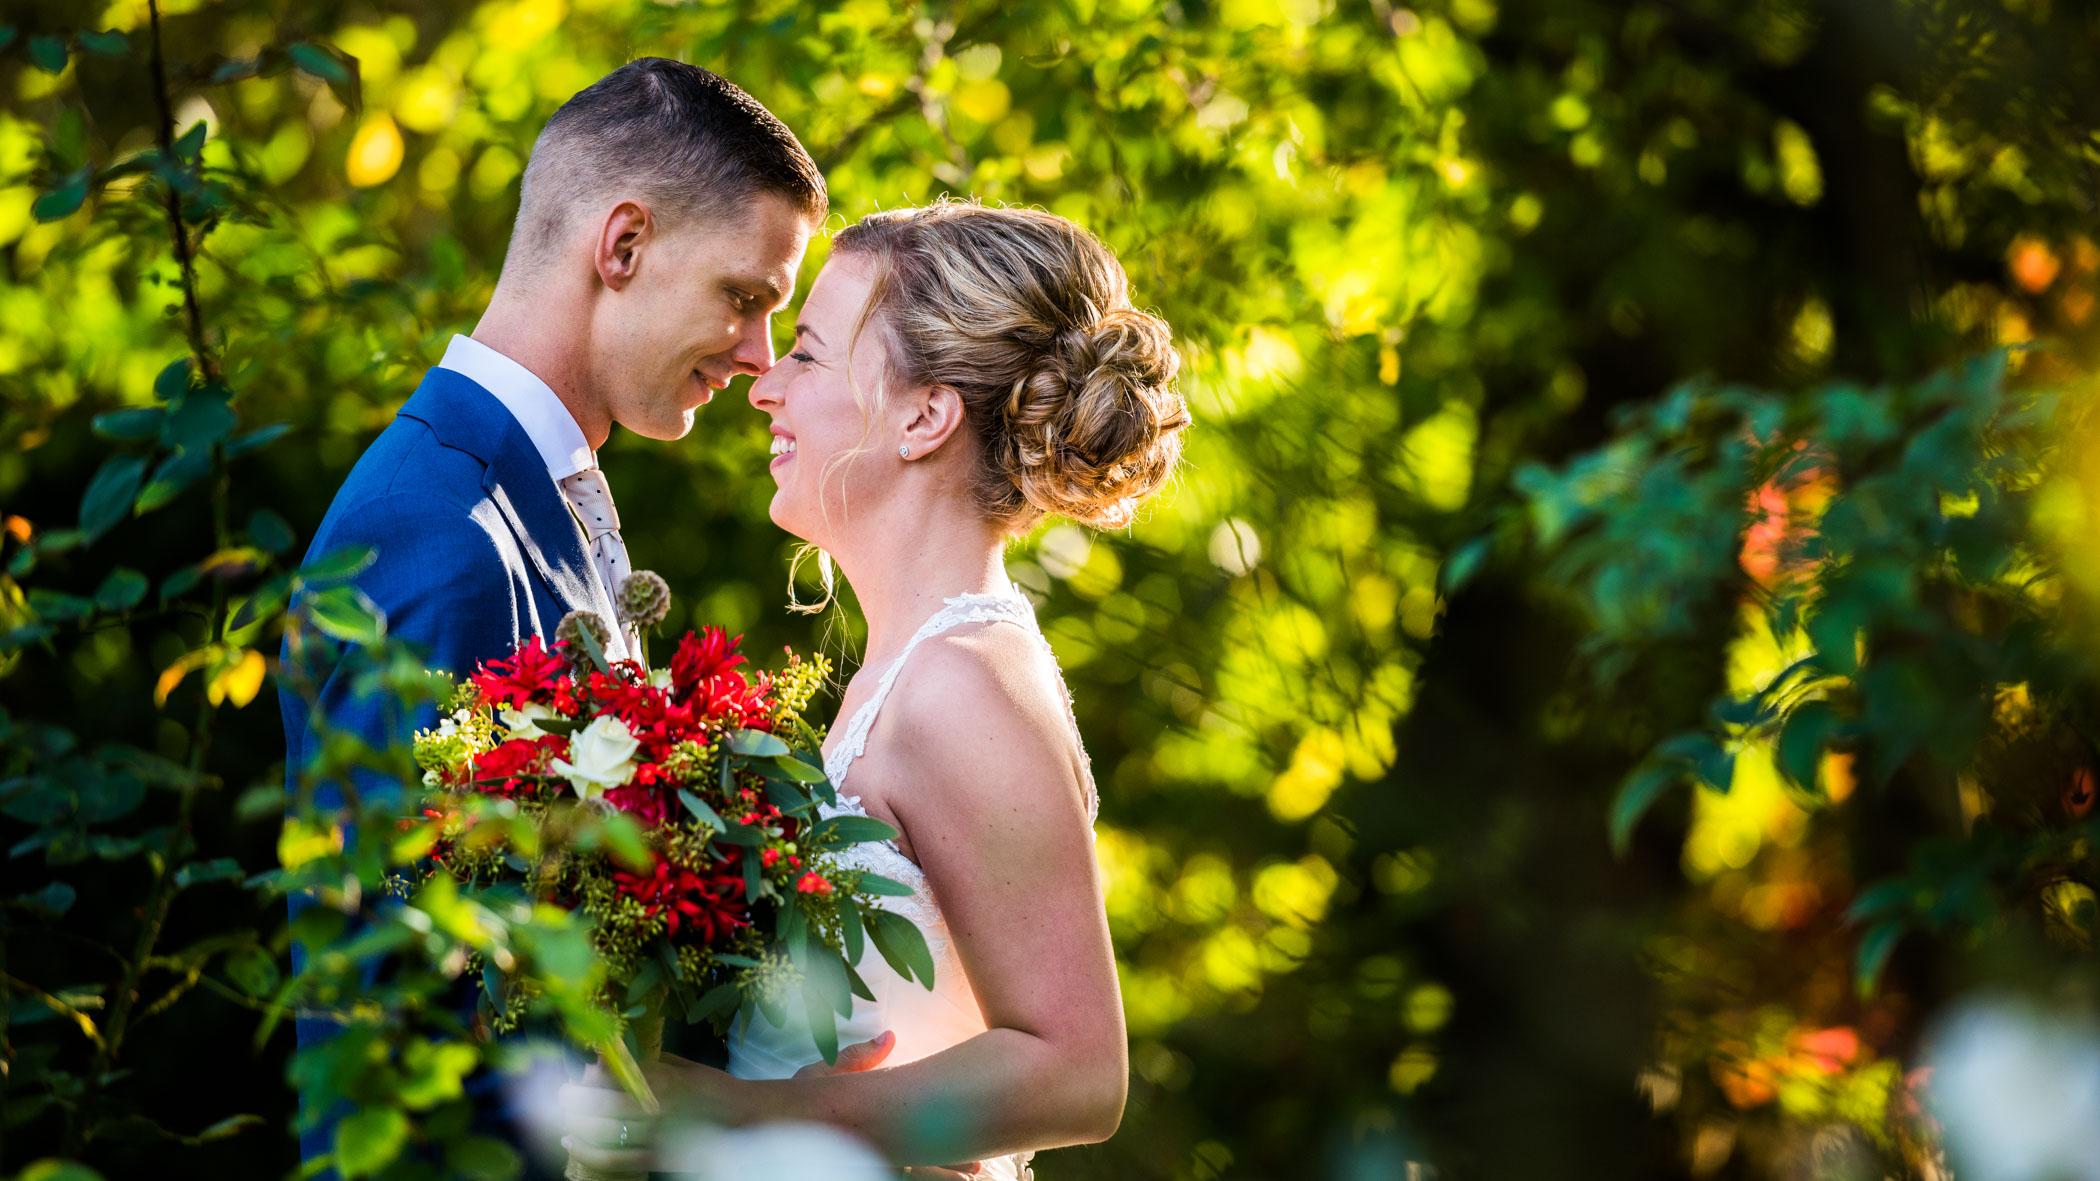 Bruidsfotograaf Oud Alblas